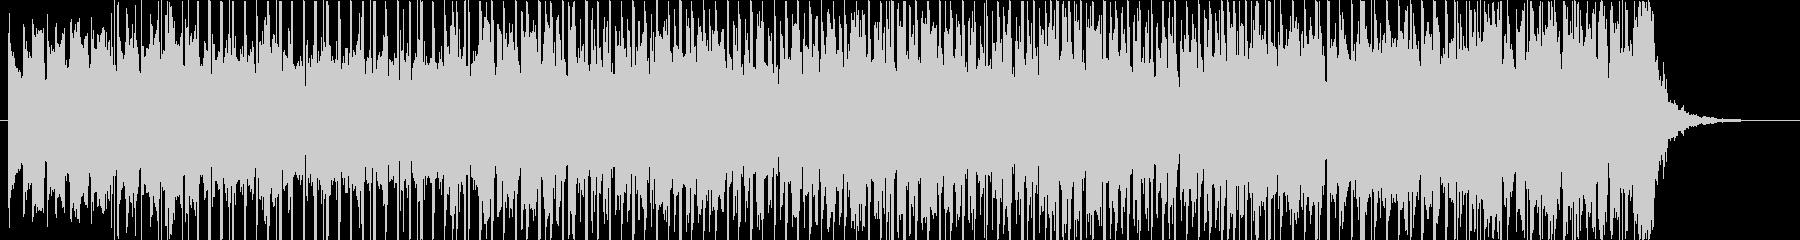 β2615の未再生の波形